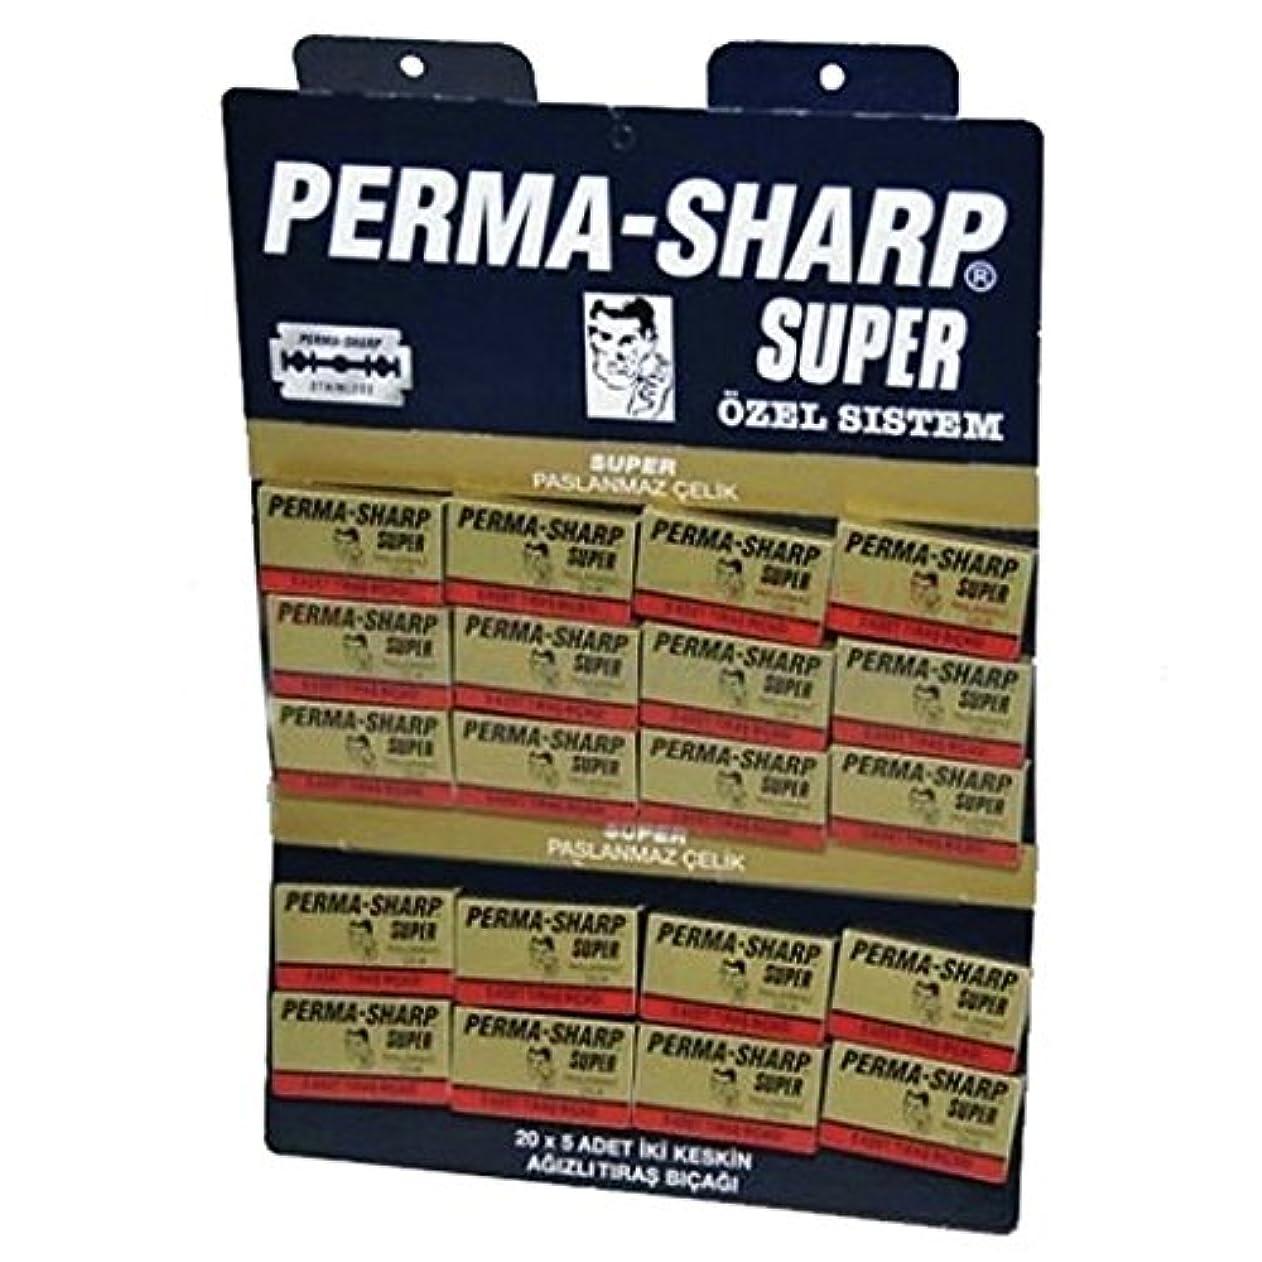 率直なリマーク軸Permasharpスーパーダブルエッジかみそりの刃 - 100ブレードのパック